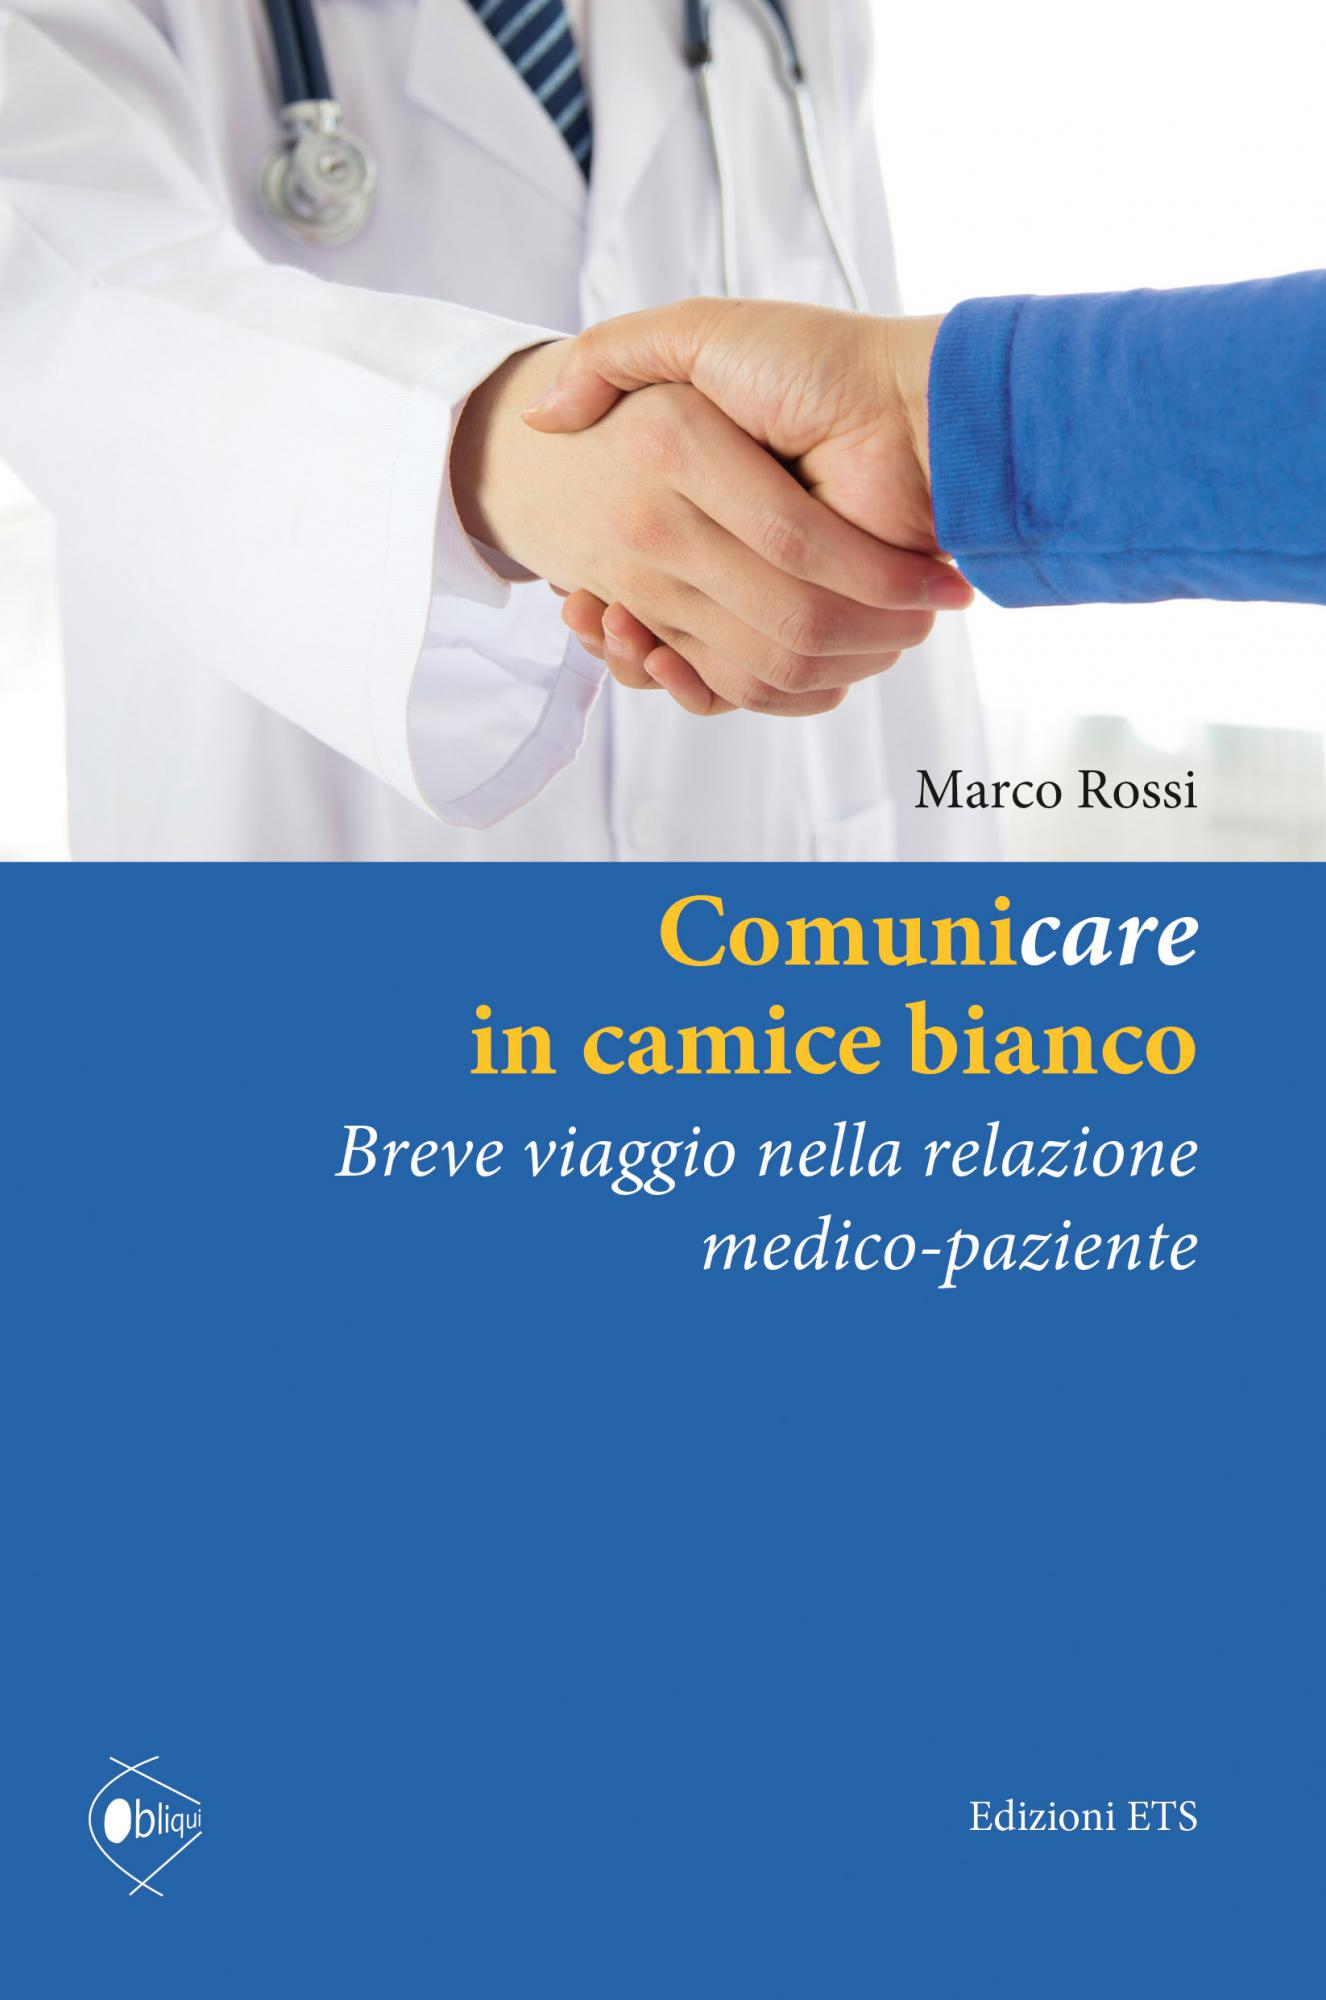 bianco camice Rossi Ed 9788846743640 Marco Comunicare in ETS PzqCnwRZa